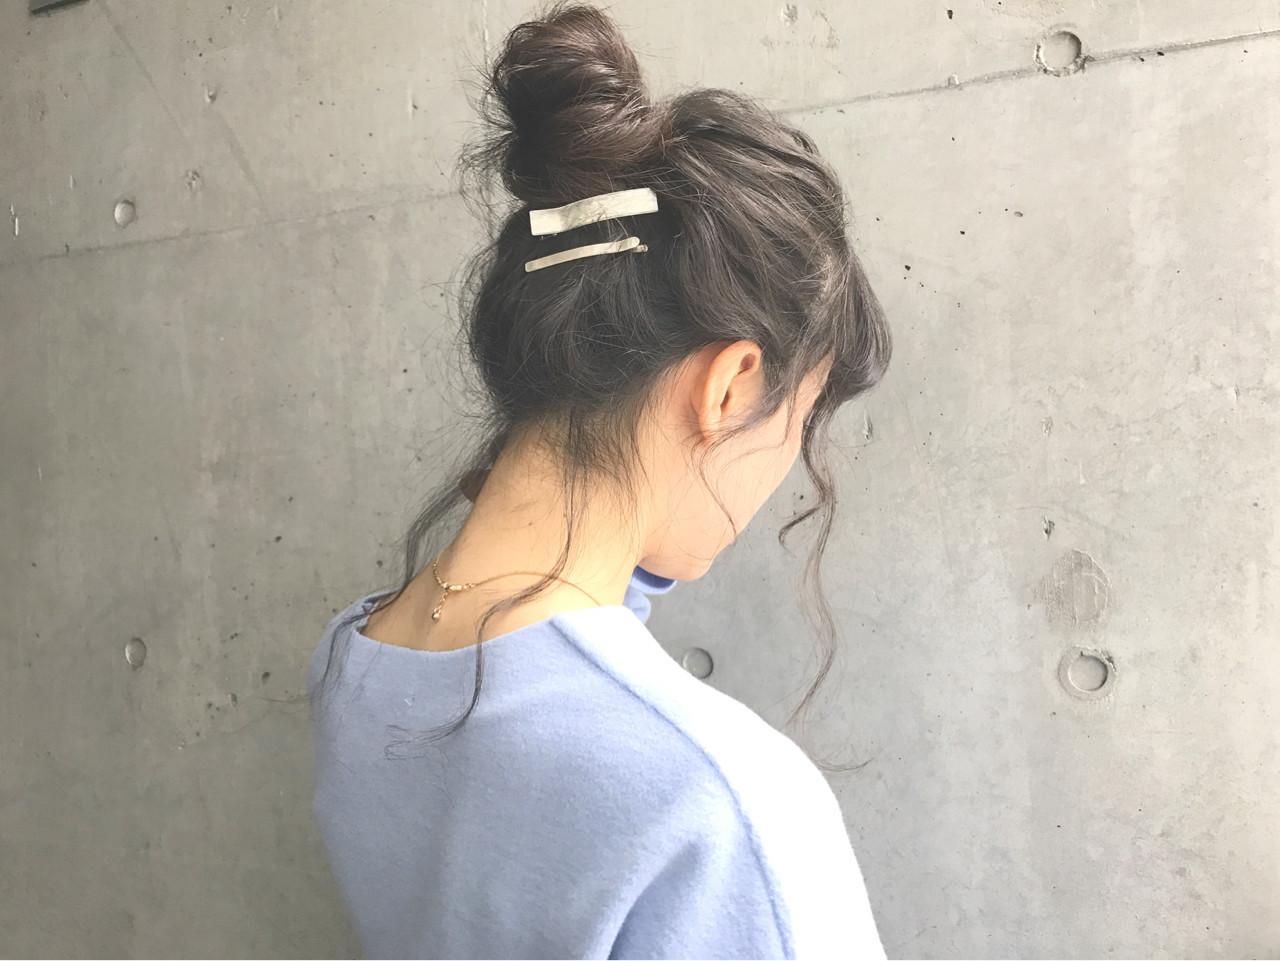 ゴムだけでできる♪お団子ヘアの簡単作り方と低め&高め別スタイル集 Spica Daichi shimazu